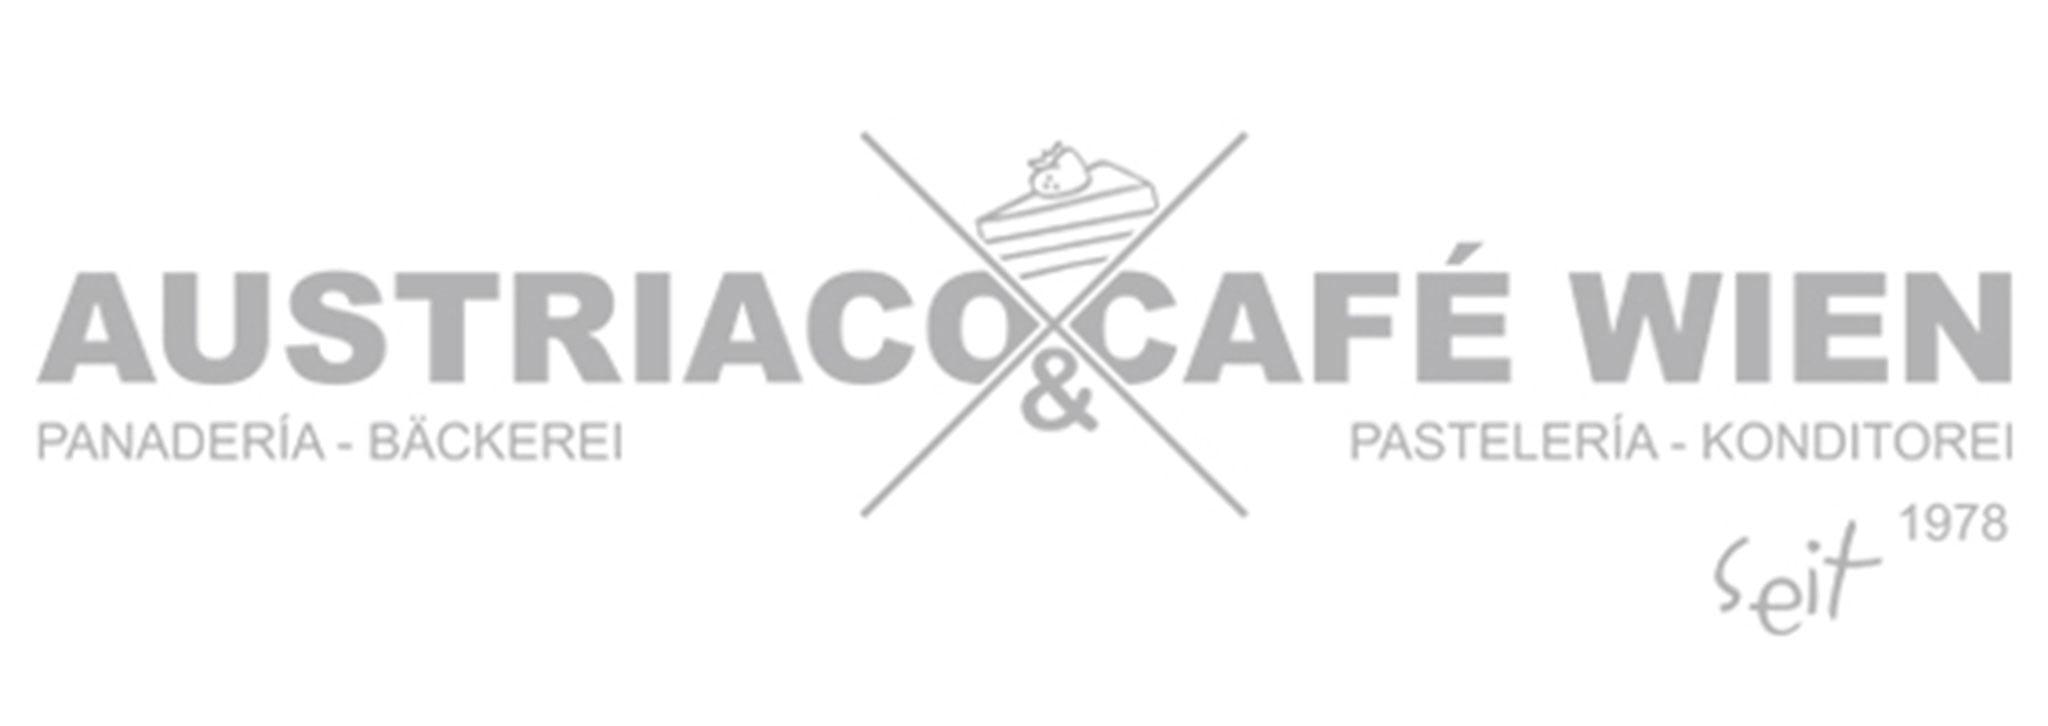 Logotipo Austriaco Café Wien